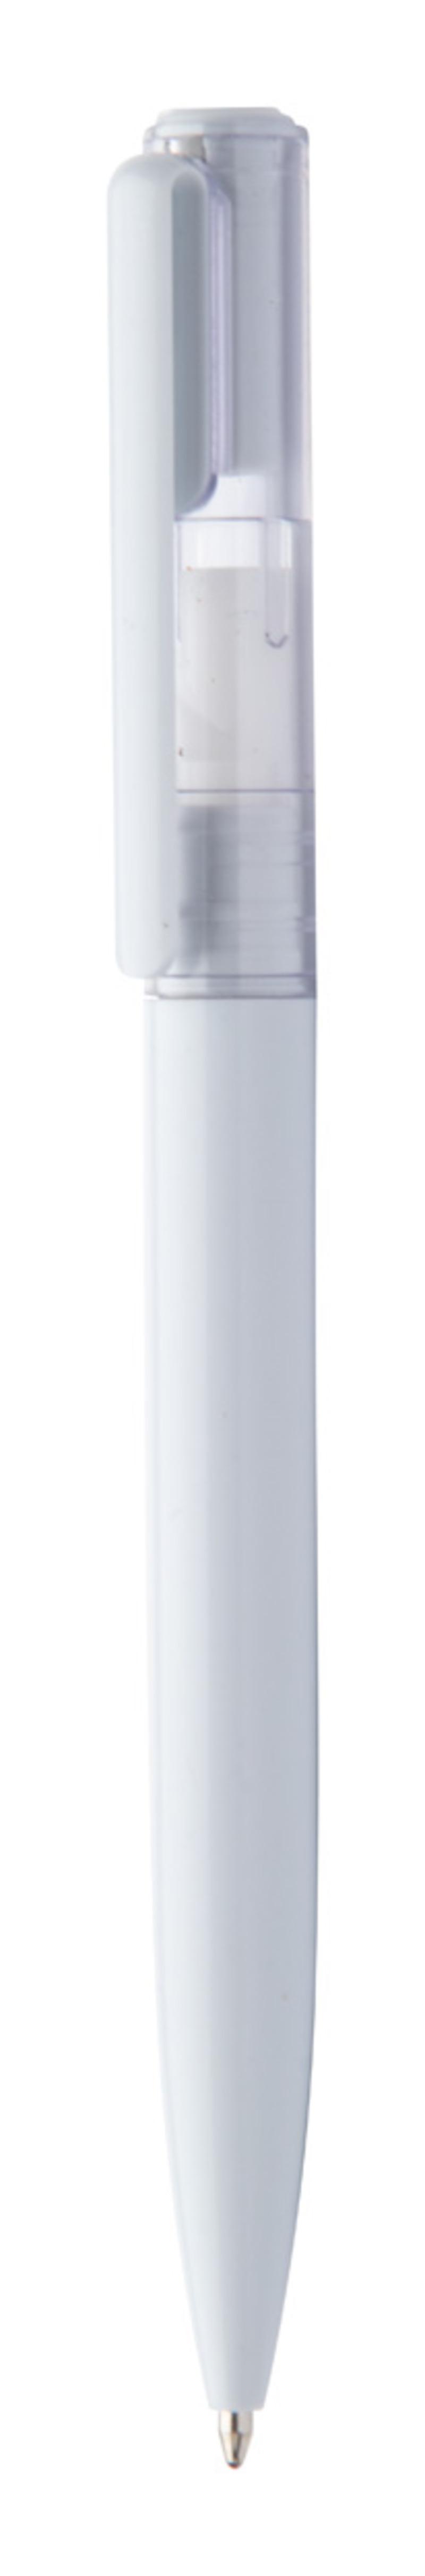 Vivarium ballpoint pen